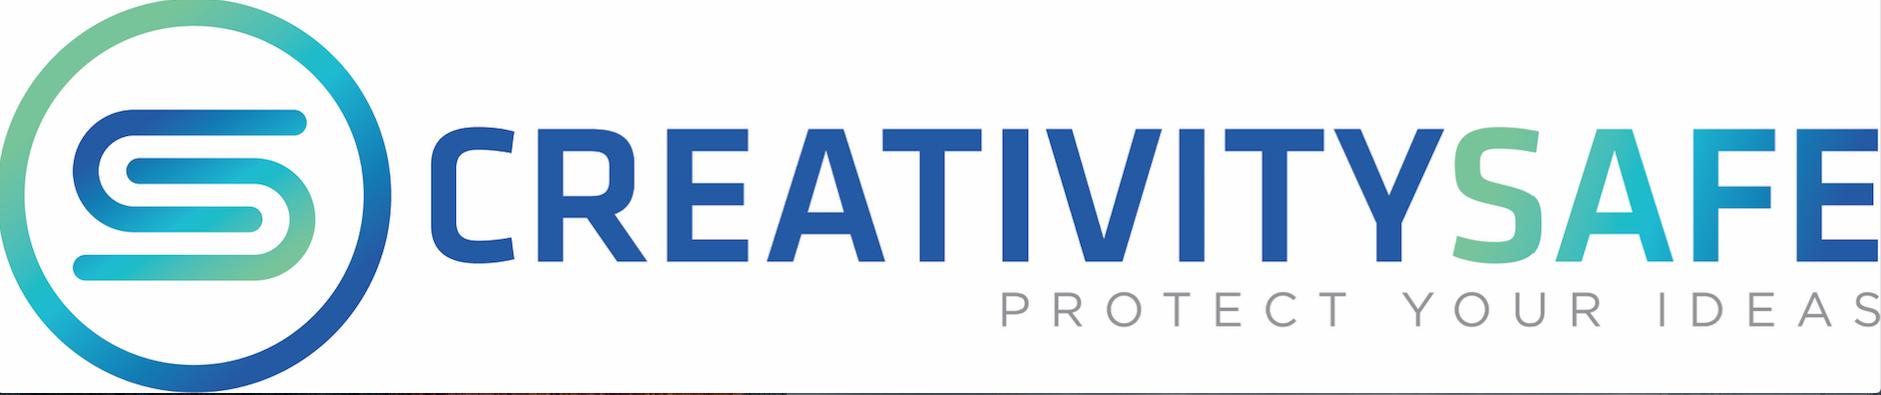 logo-creativitysafe